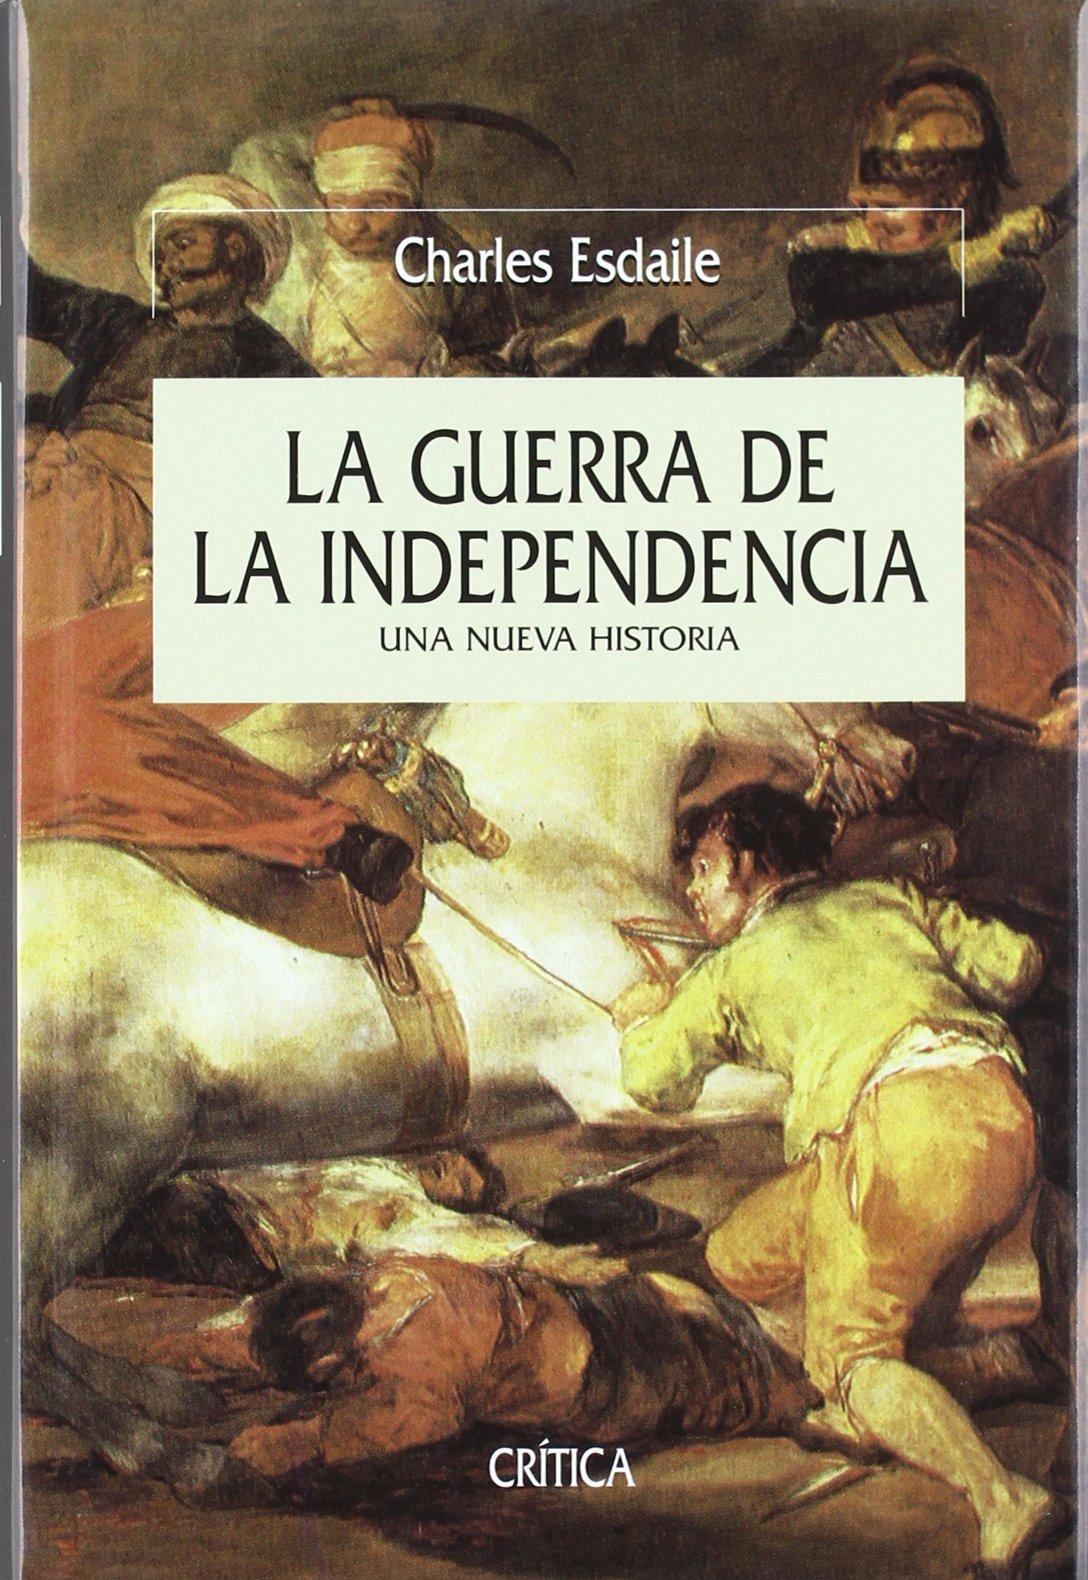 La guerra de la independencia: Una nueva historia Serie Mayor: Amazon.es: Esdaile, Charles: Libros